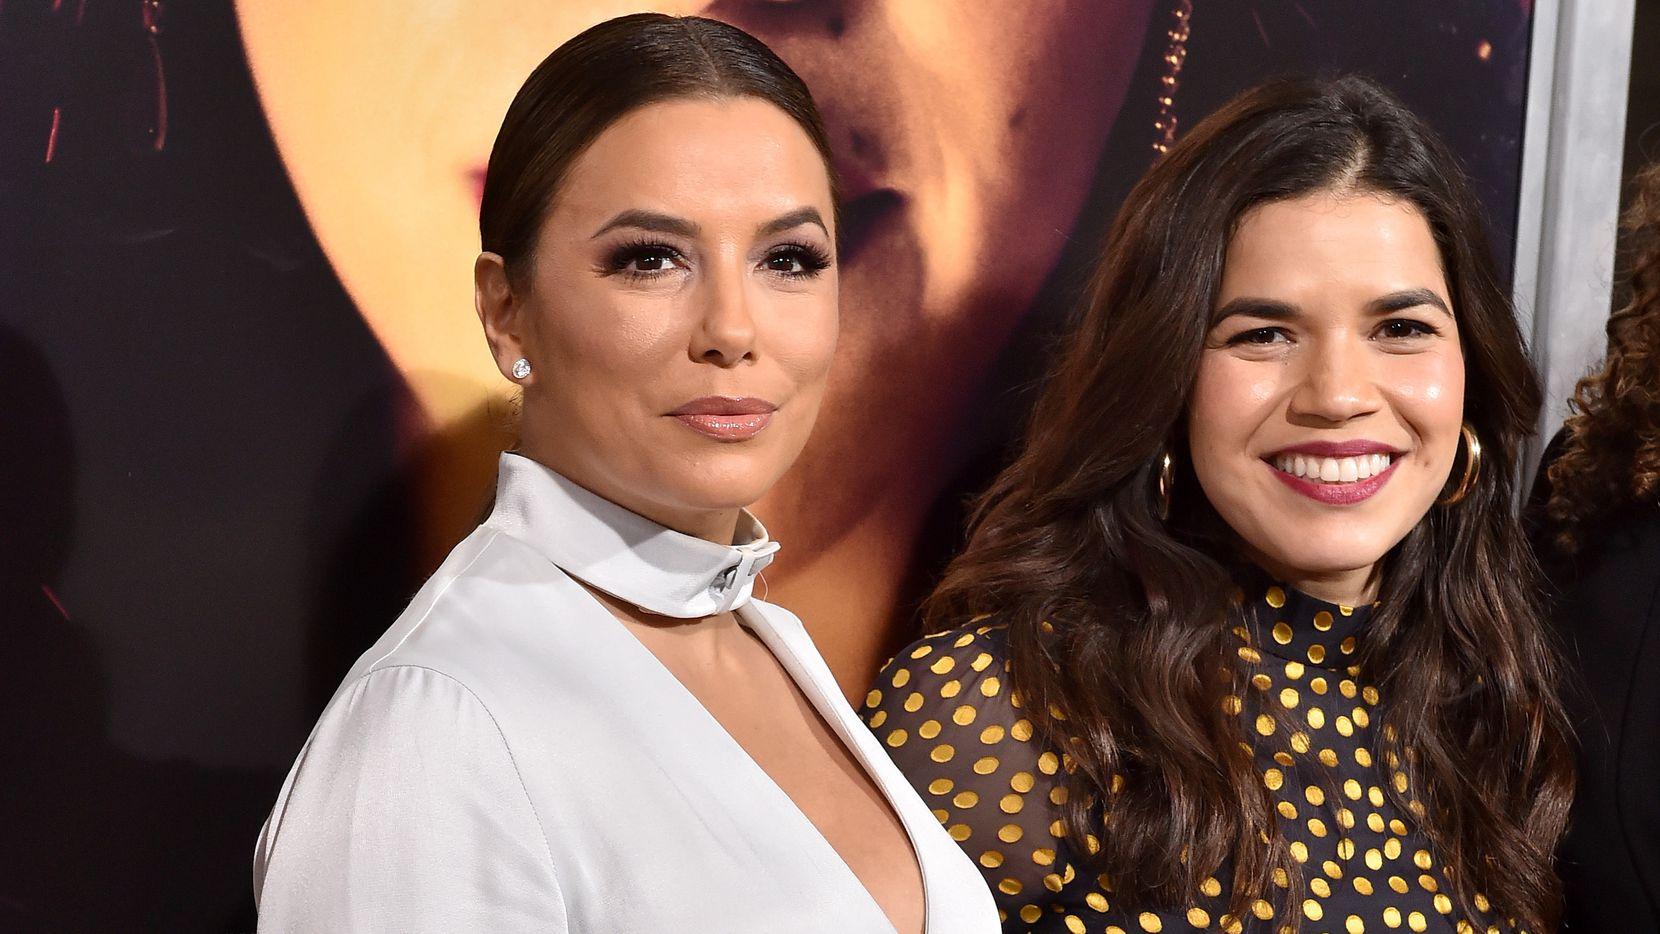 Las actrices Eva Longoria y América Ferrera en un evento en Los Ángeles.